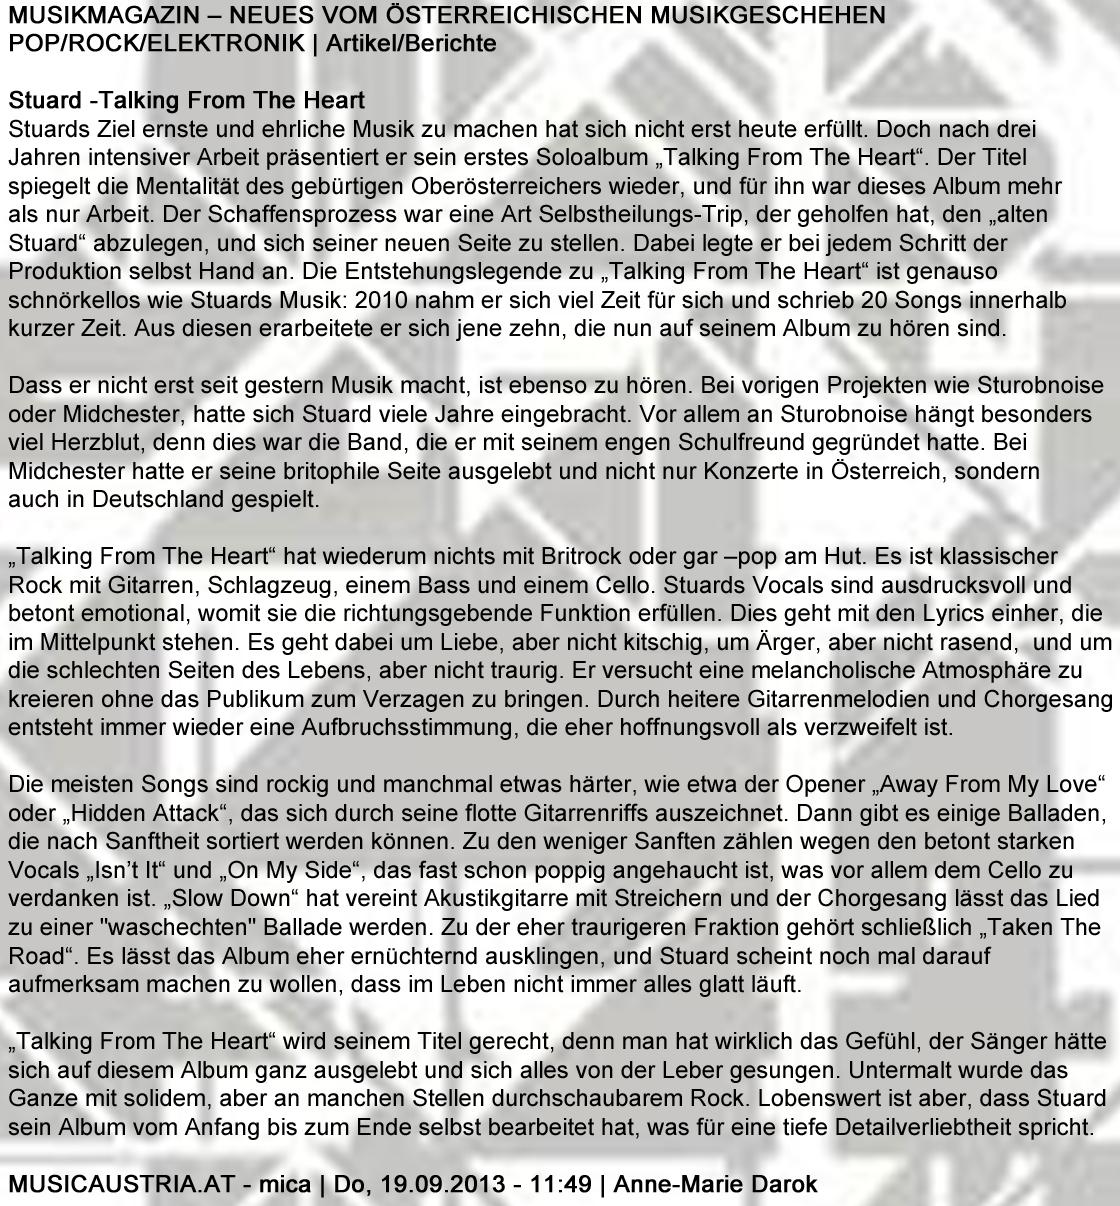 STU▲RD REVIEW mica 19.09.2013